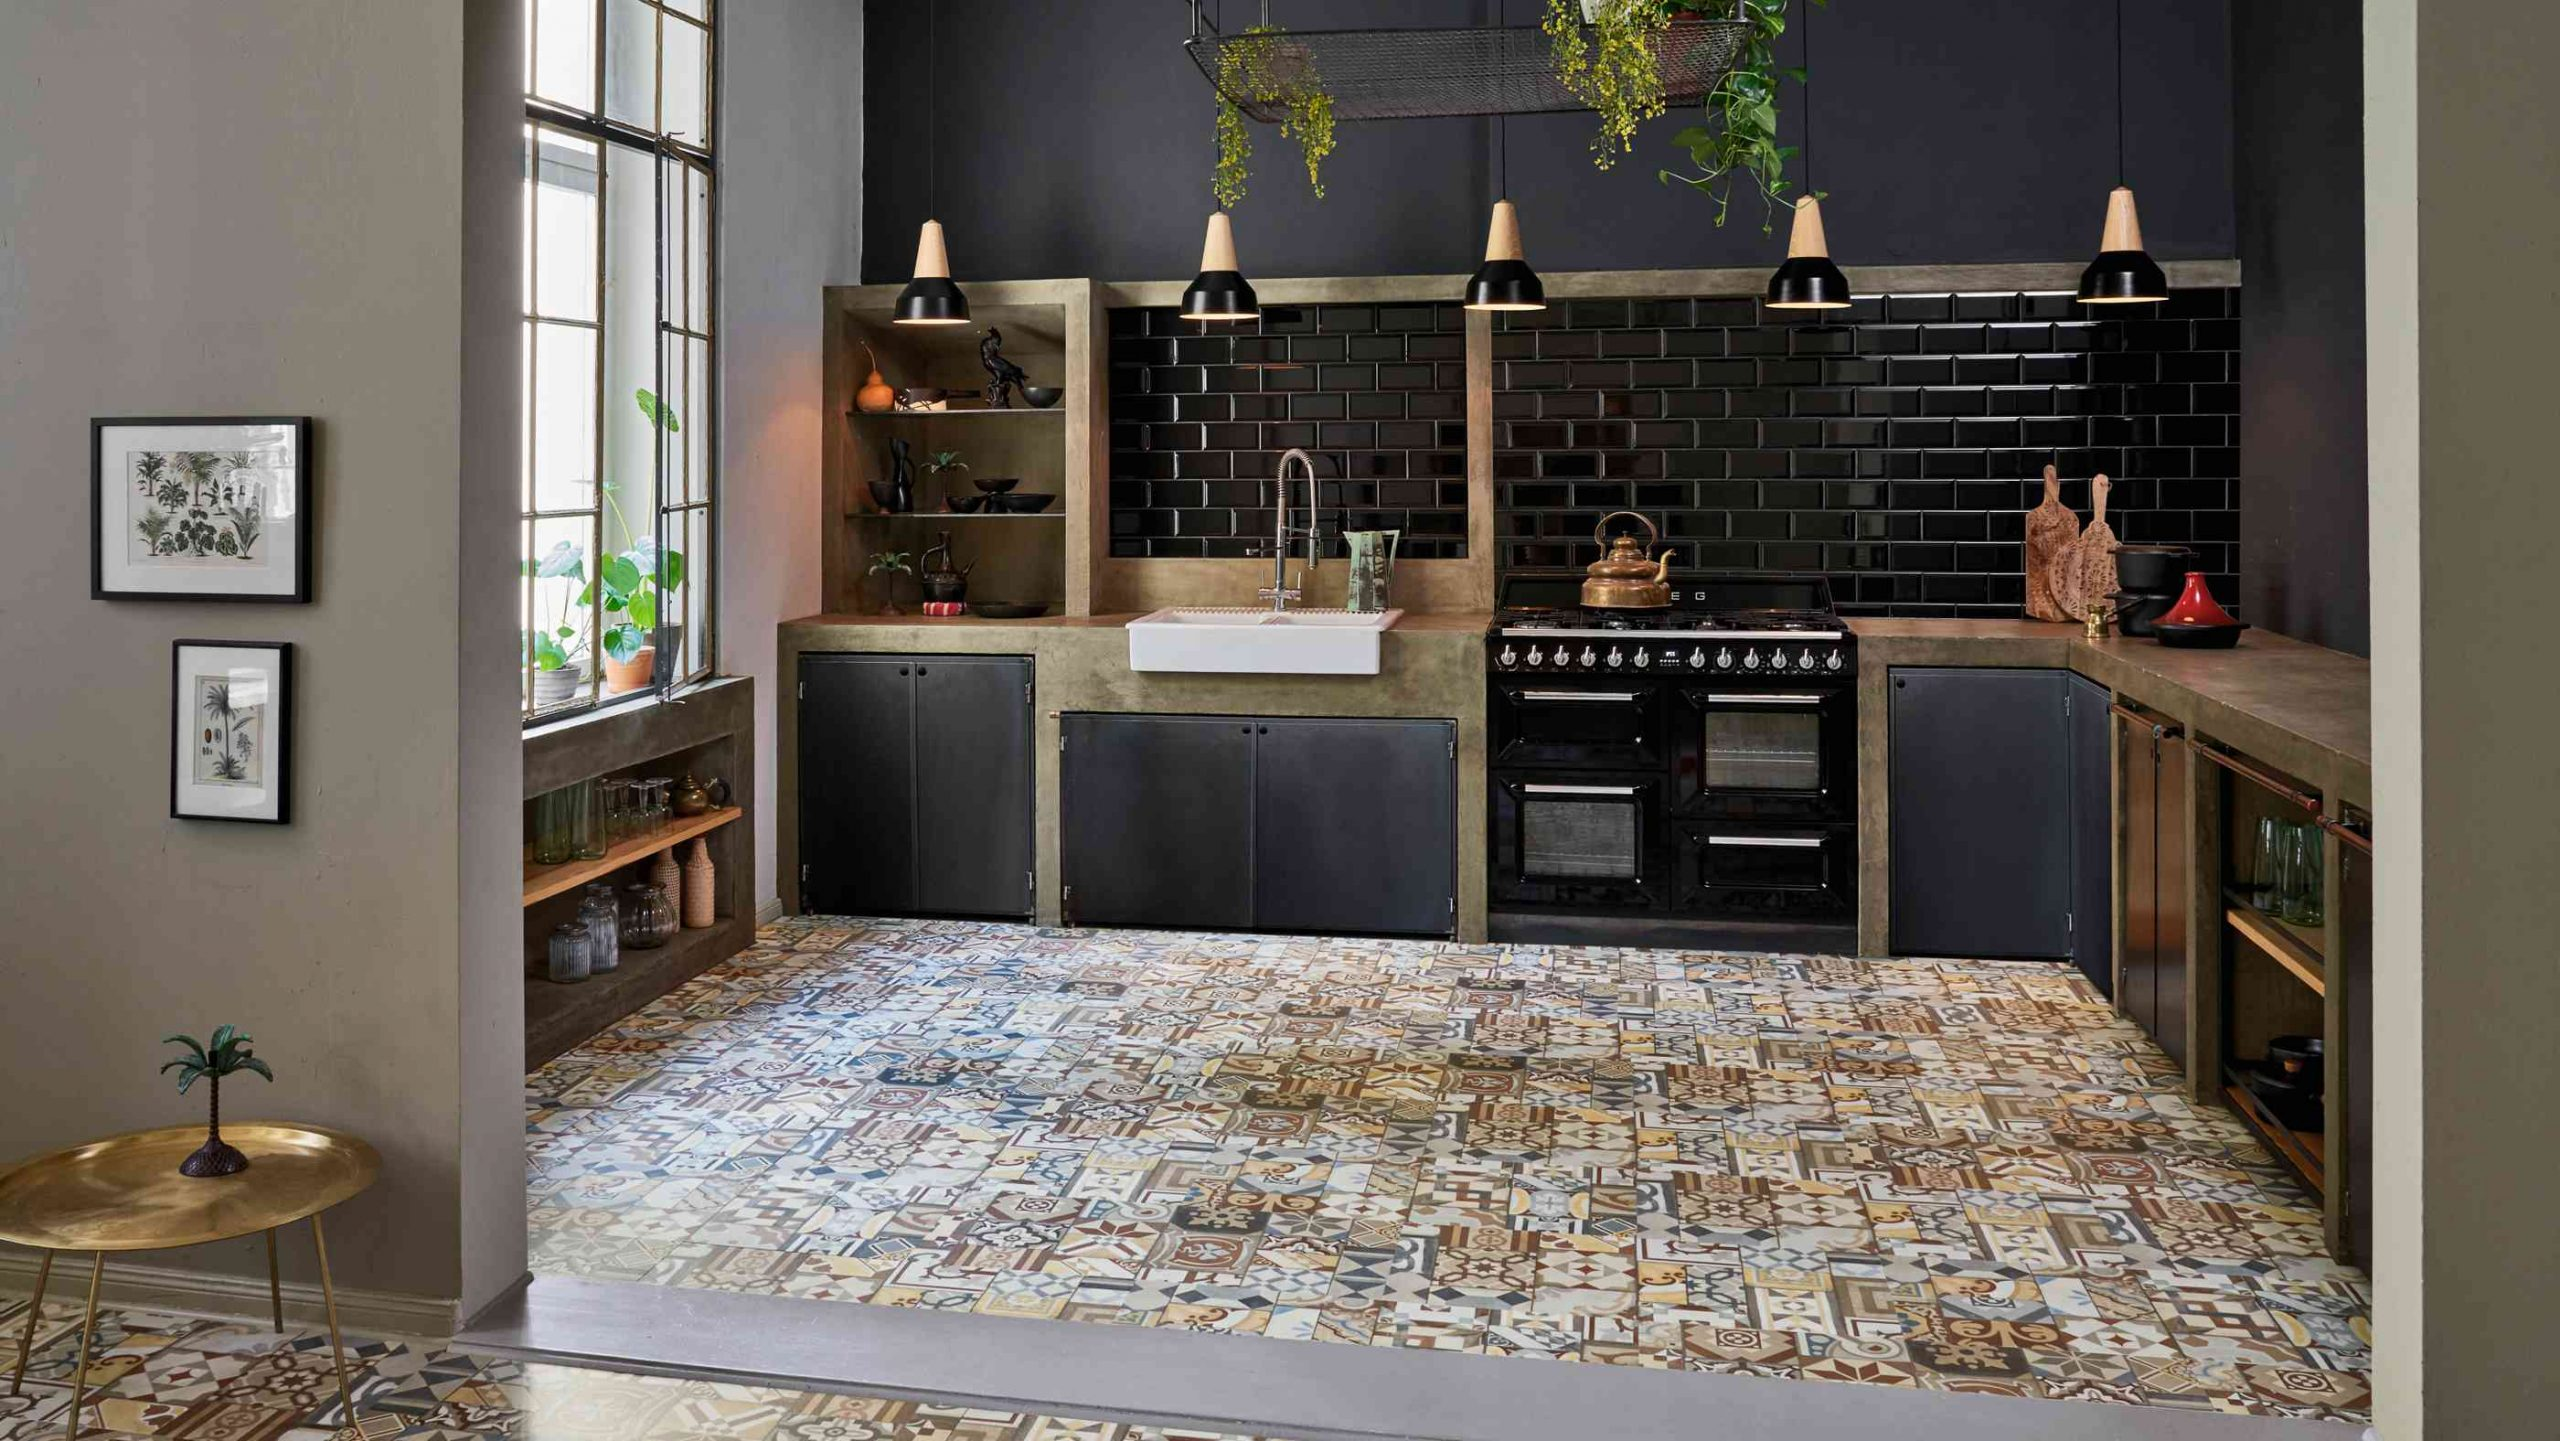 Full Size of Bodenbeläge Küche Beispiele Bodenbelag Auf Fliesen Küche Boden Küche Pvc Bodenbelag Küche Küche Bodenbelag Küche